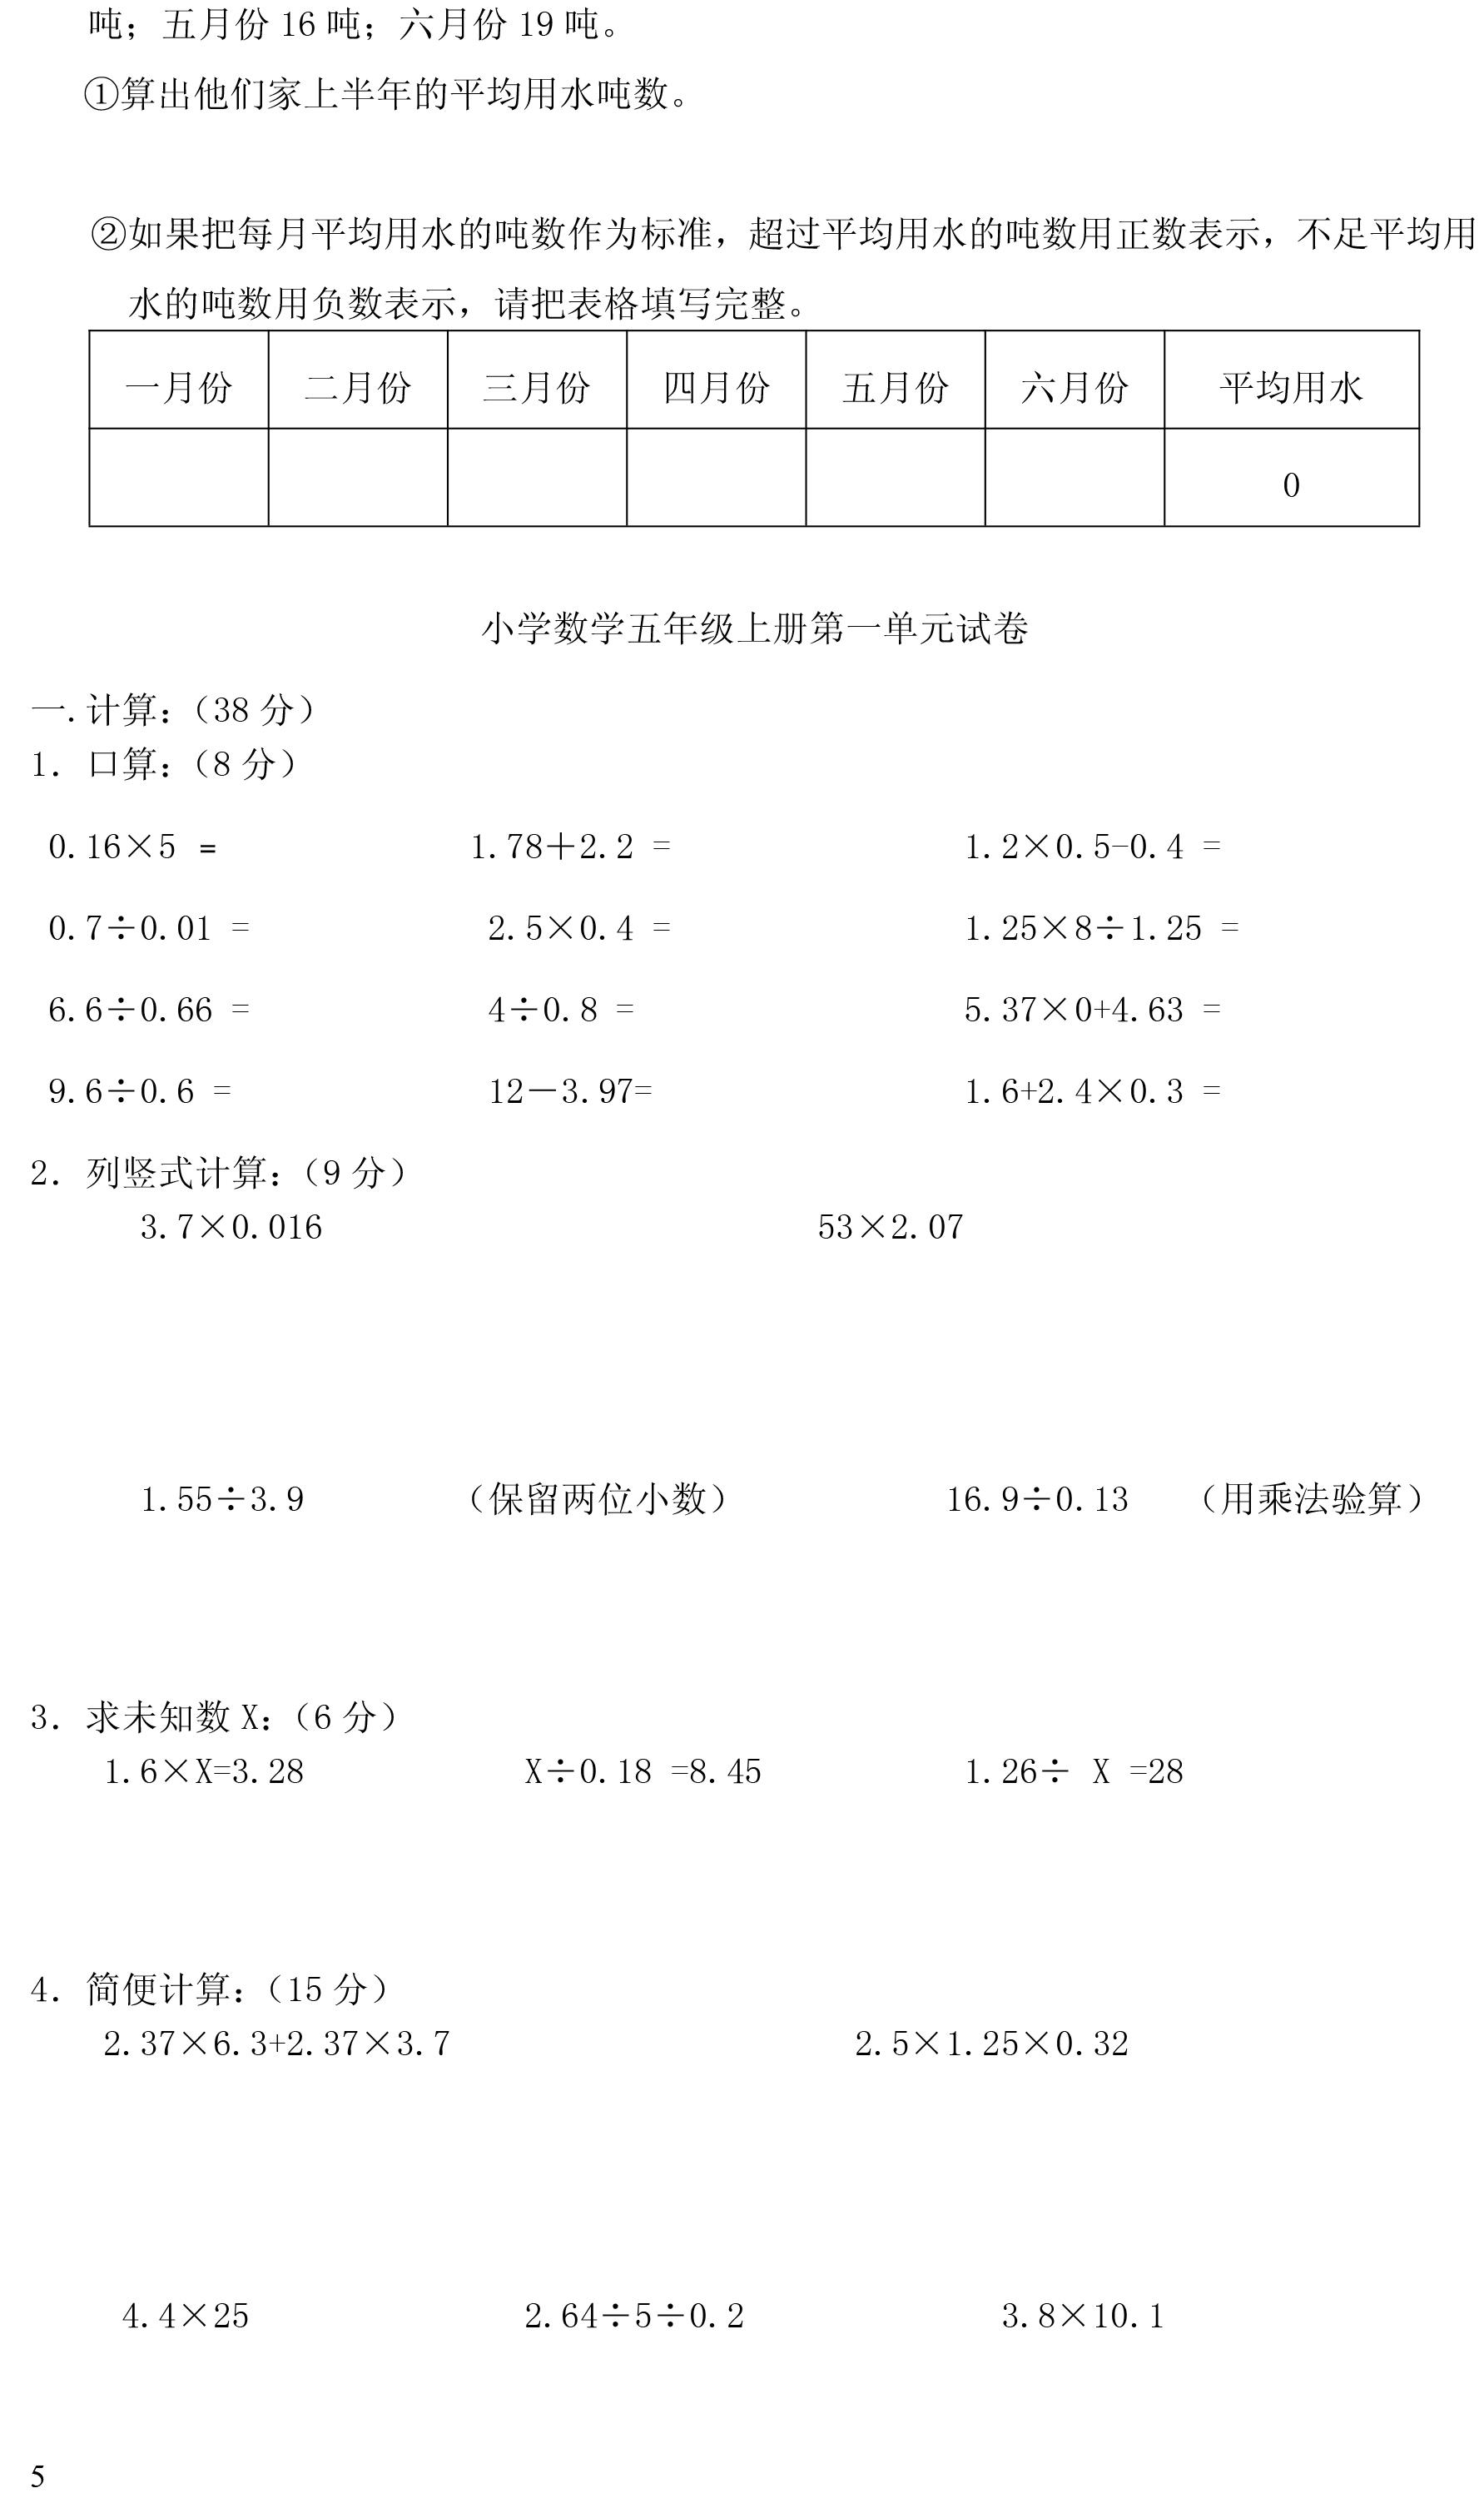 【课本预习】苏教版五年级上册数学知识点——认识负数(5)